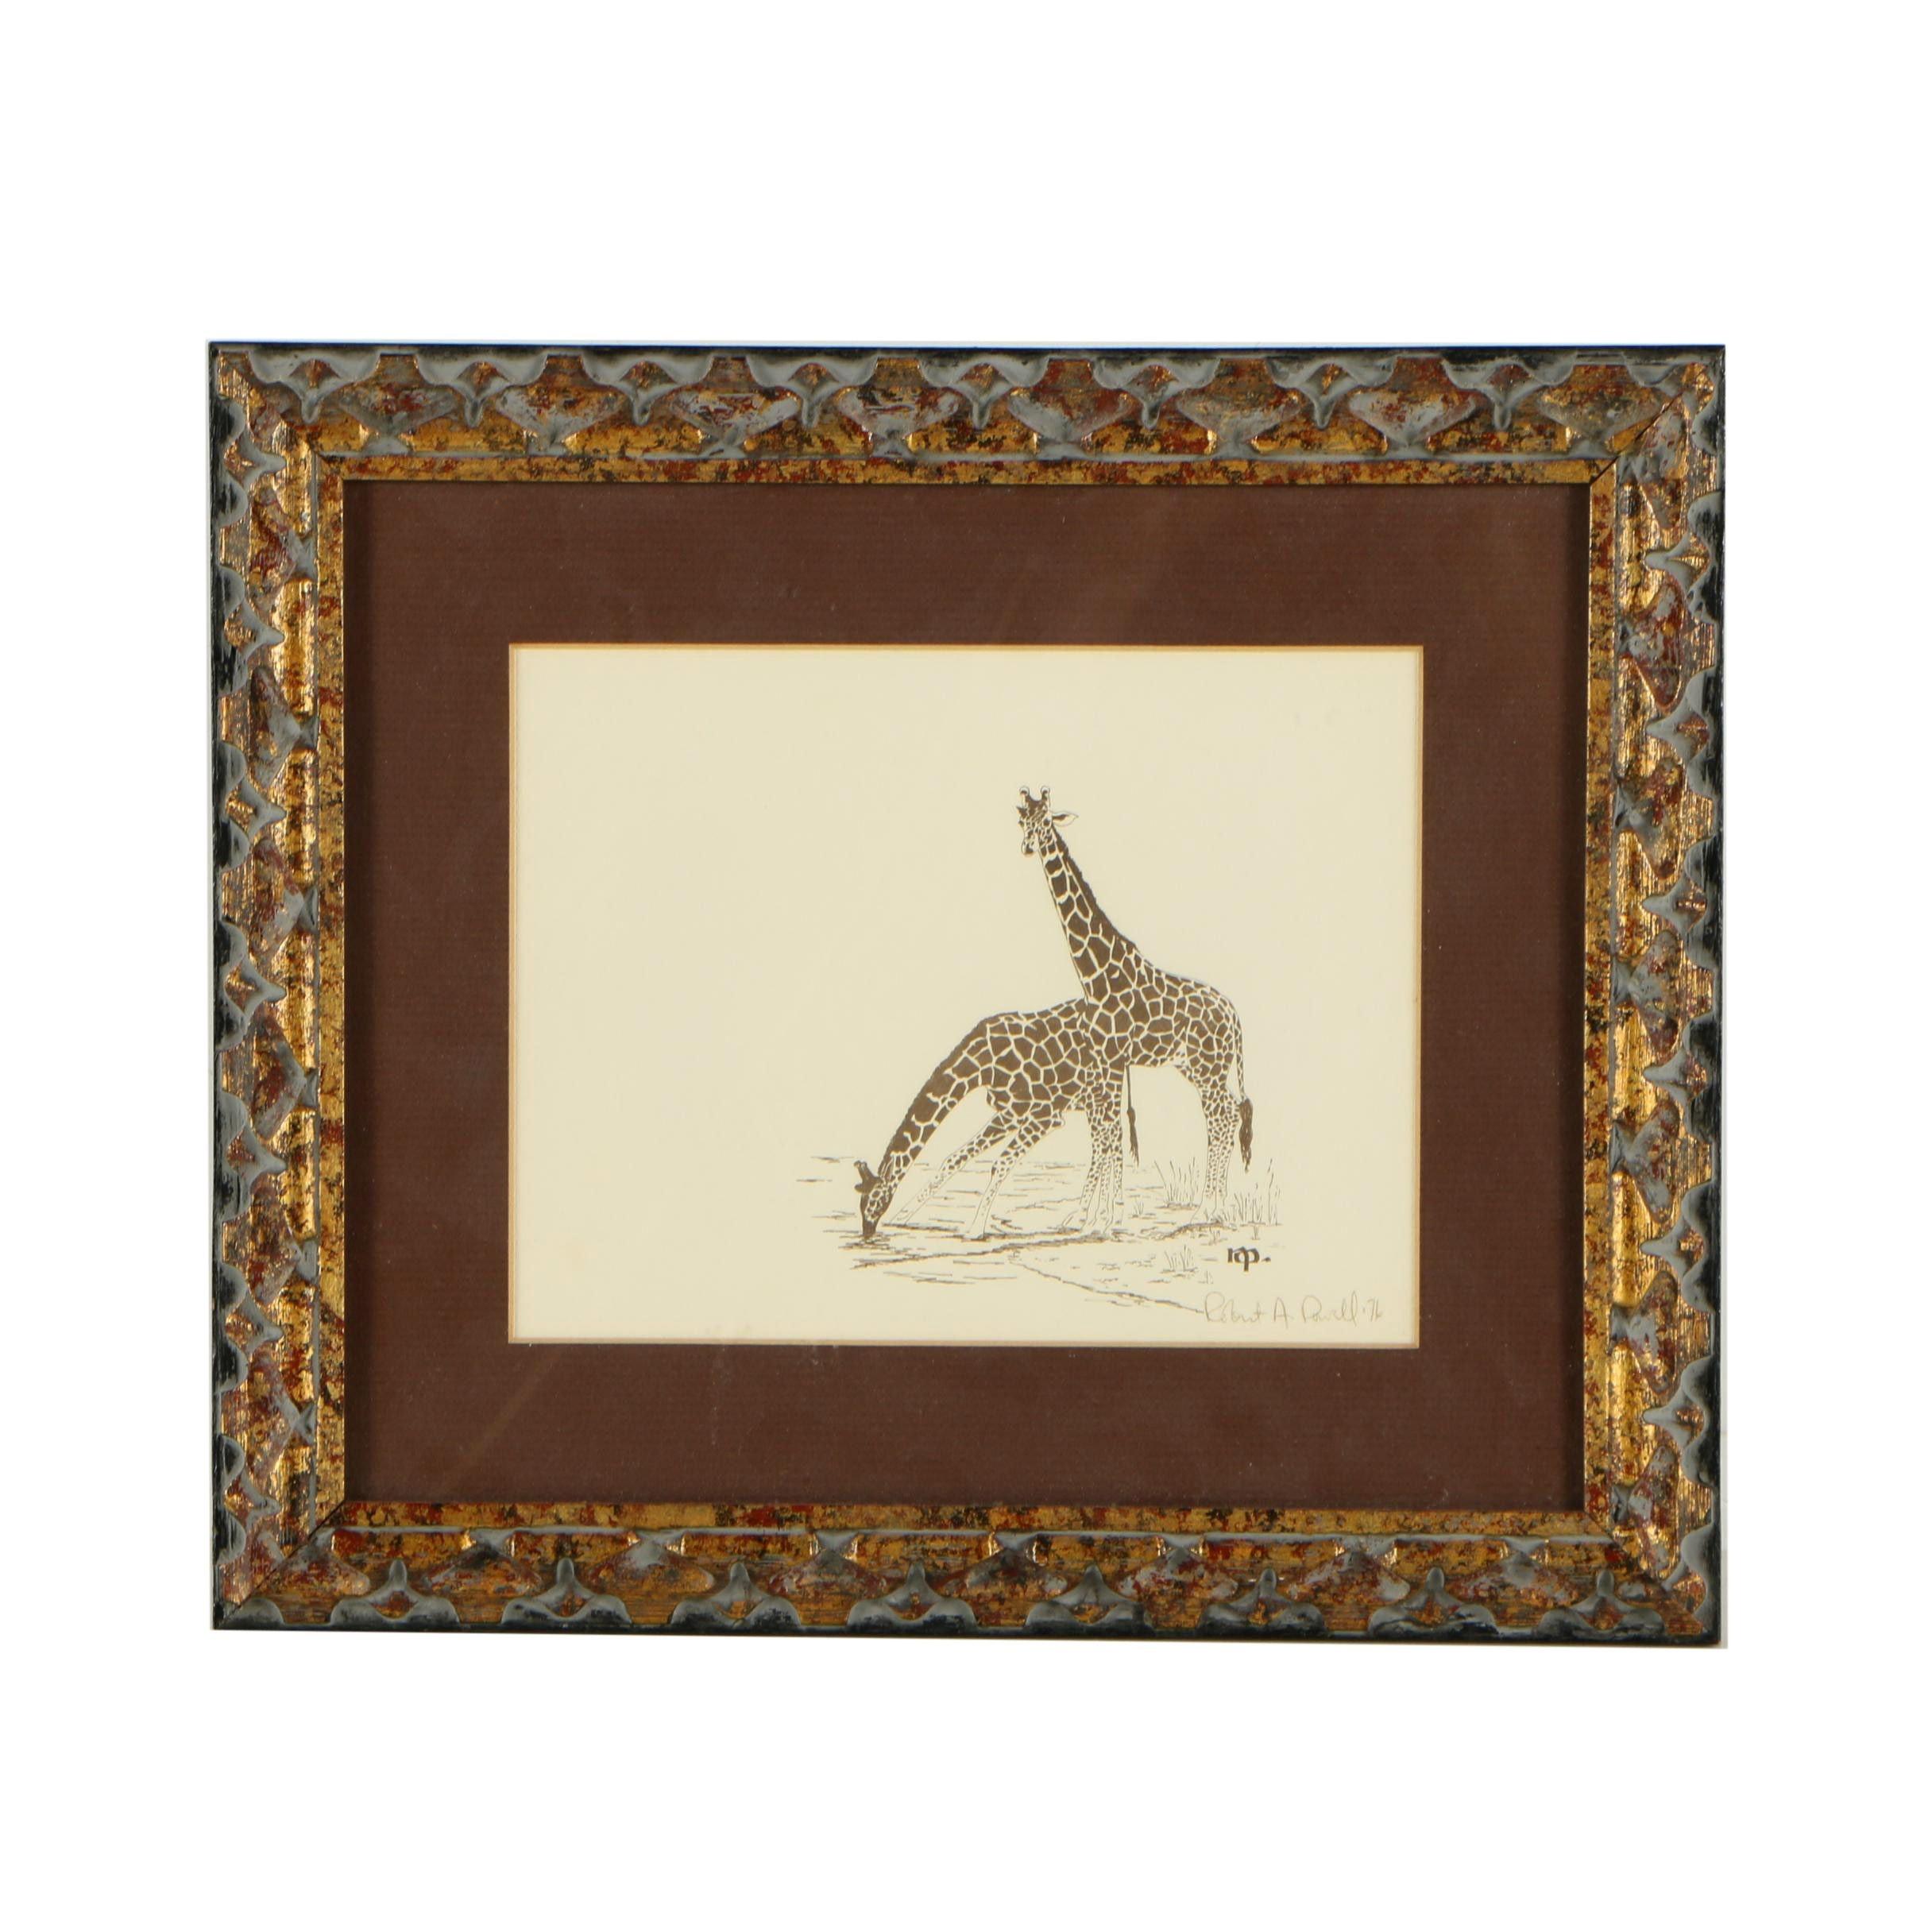 Robert A. Powell Lithograph of Giraffes